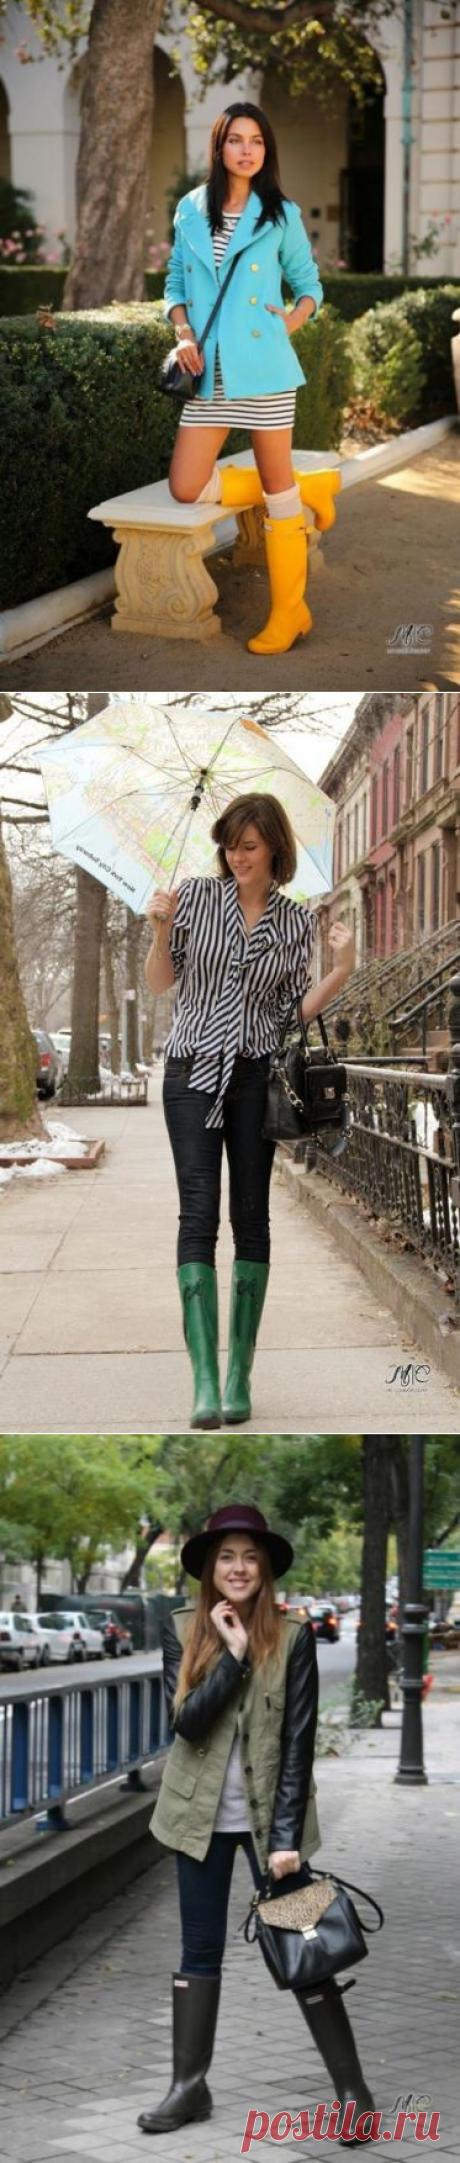 Los consejos de estilo - con que llevar las botas de agua.